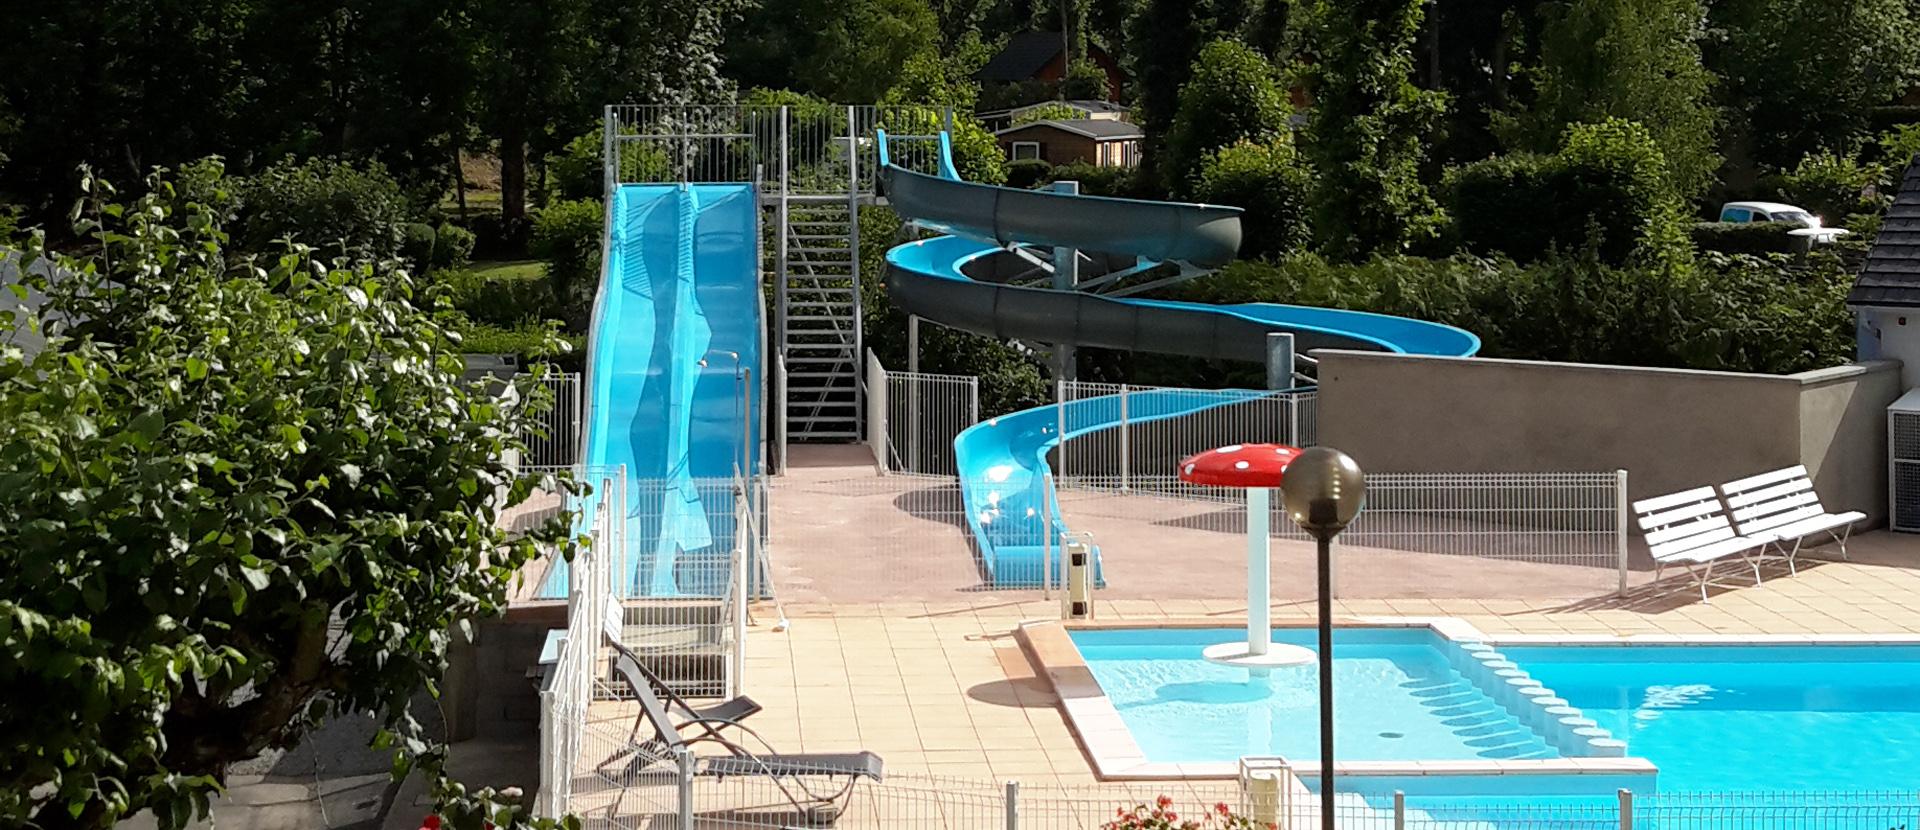 Camping Auvergne - Camping La Cle Des Champs **** - Saint ... pour Camping Auvergne Piscine